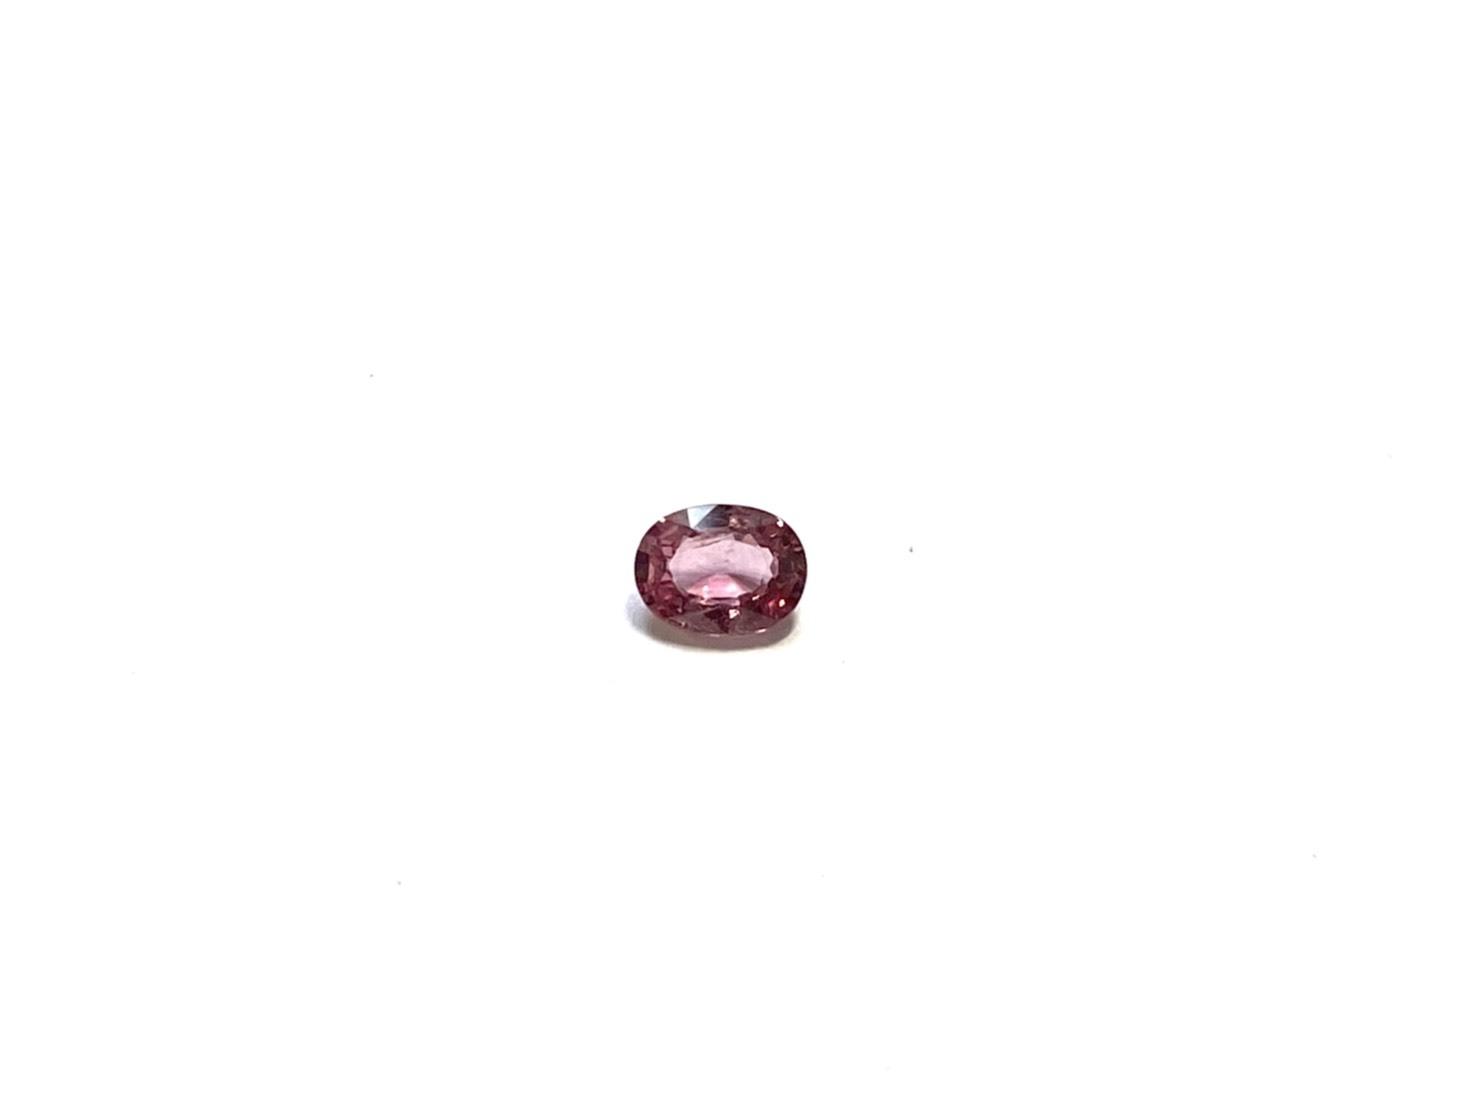 パパラチアサファイヤ+おまけ1石[No,k-3719]